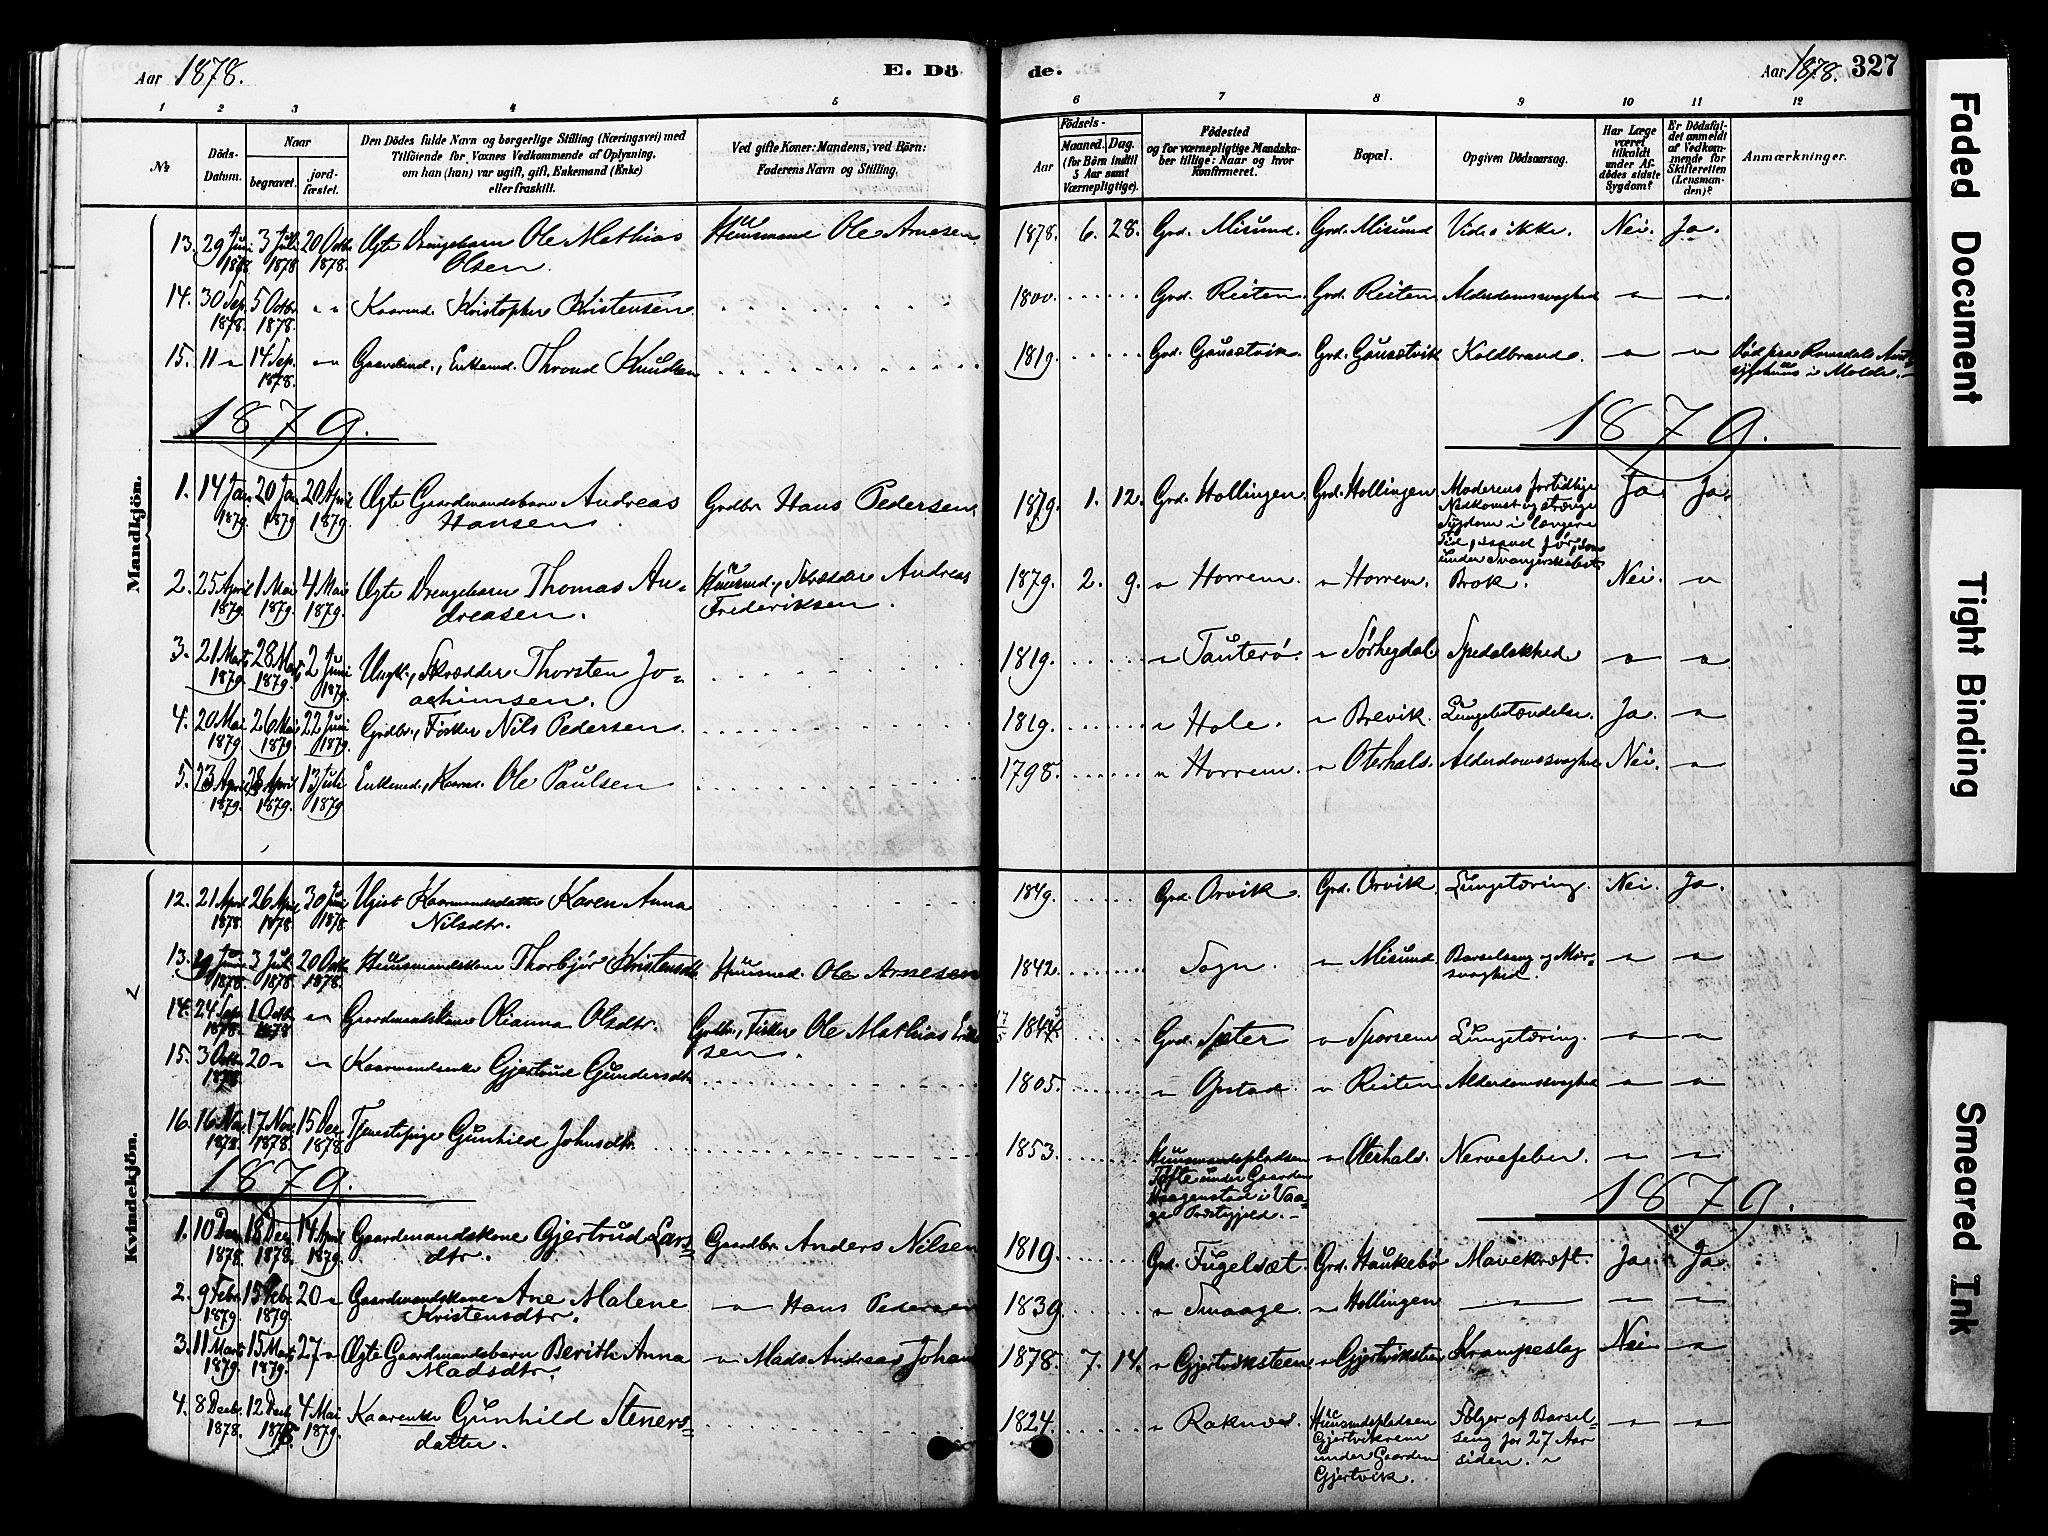 SAT, Ministerialprotokoller, klokkerbøker og fødselsregistre - Møre og Romsdal, 560/L0721: Ministerialbok nr. 560A05, 1878-1917, s. 327